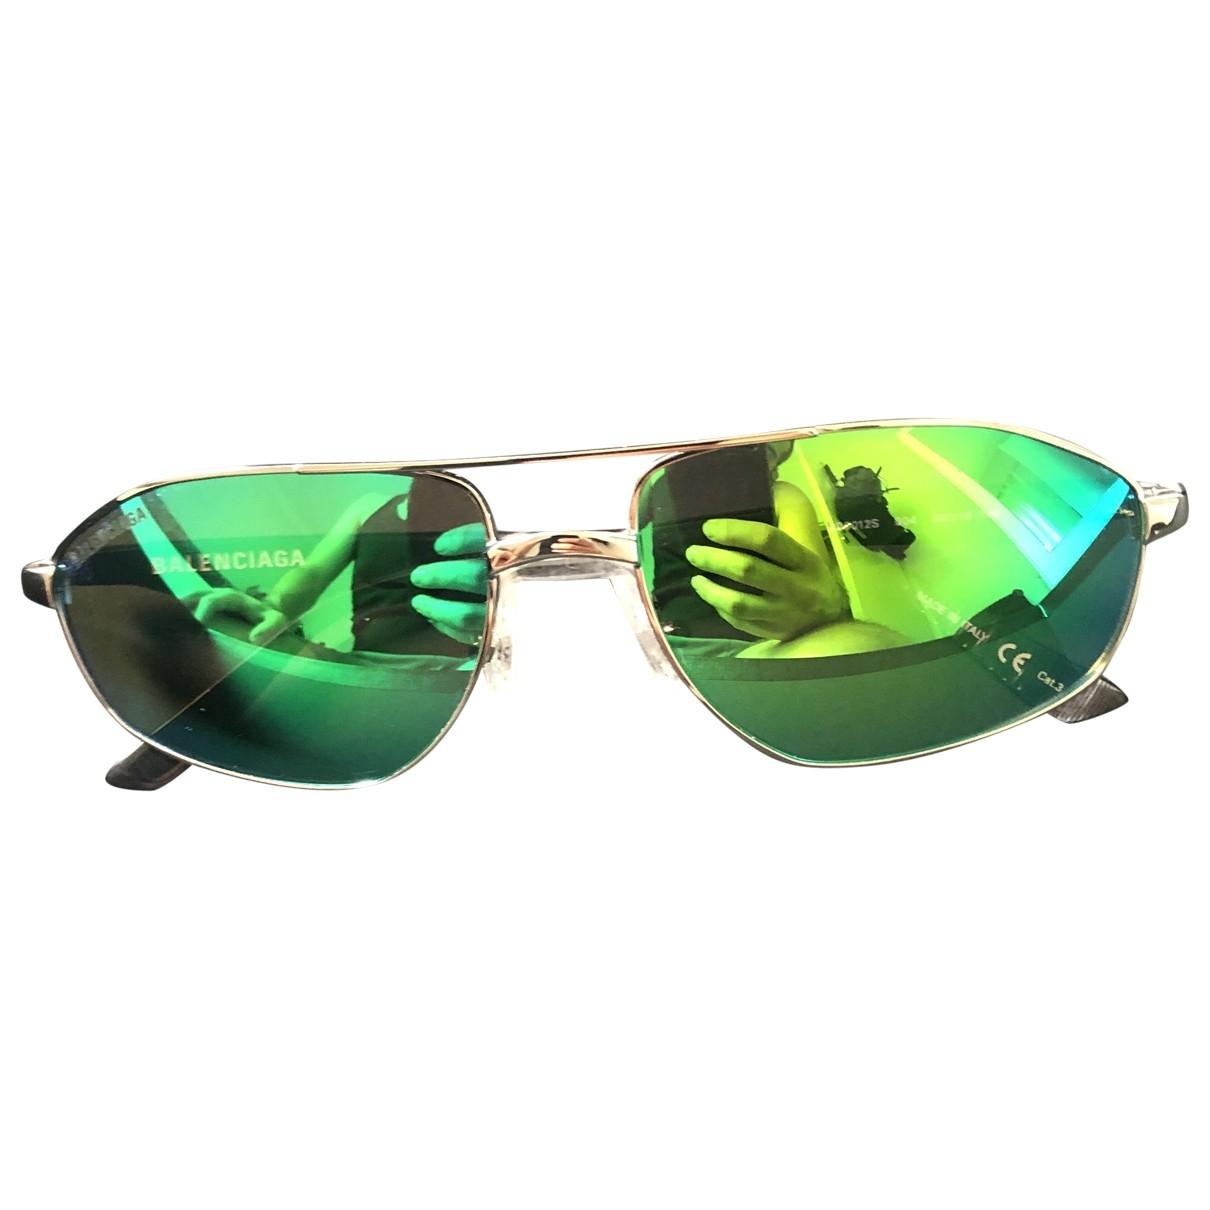 Balenciaga - Lunettes   pour homme en metal - vert